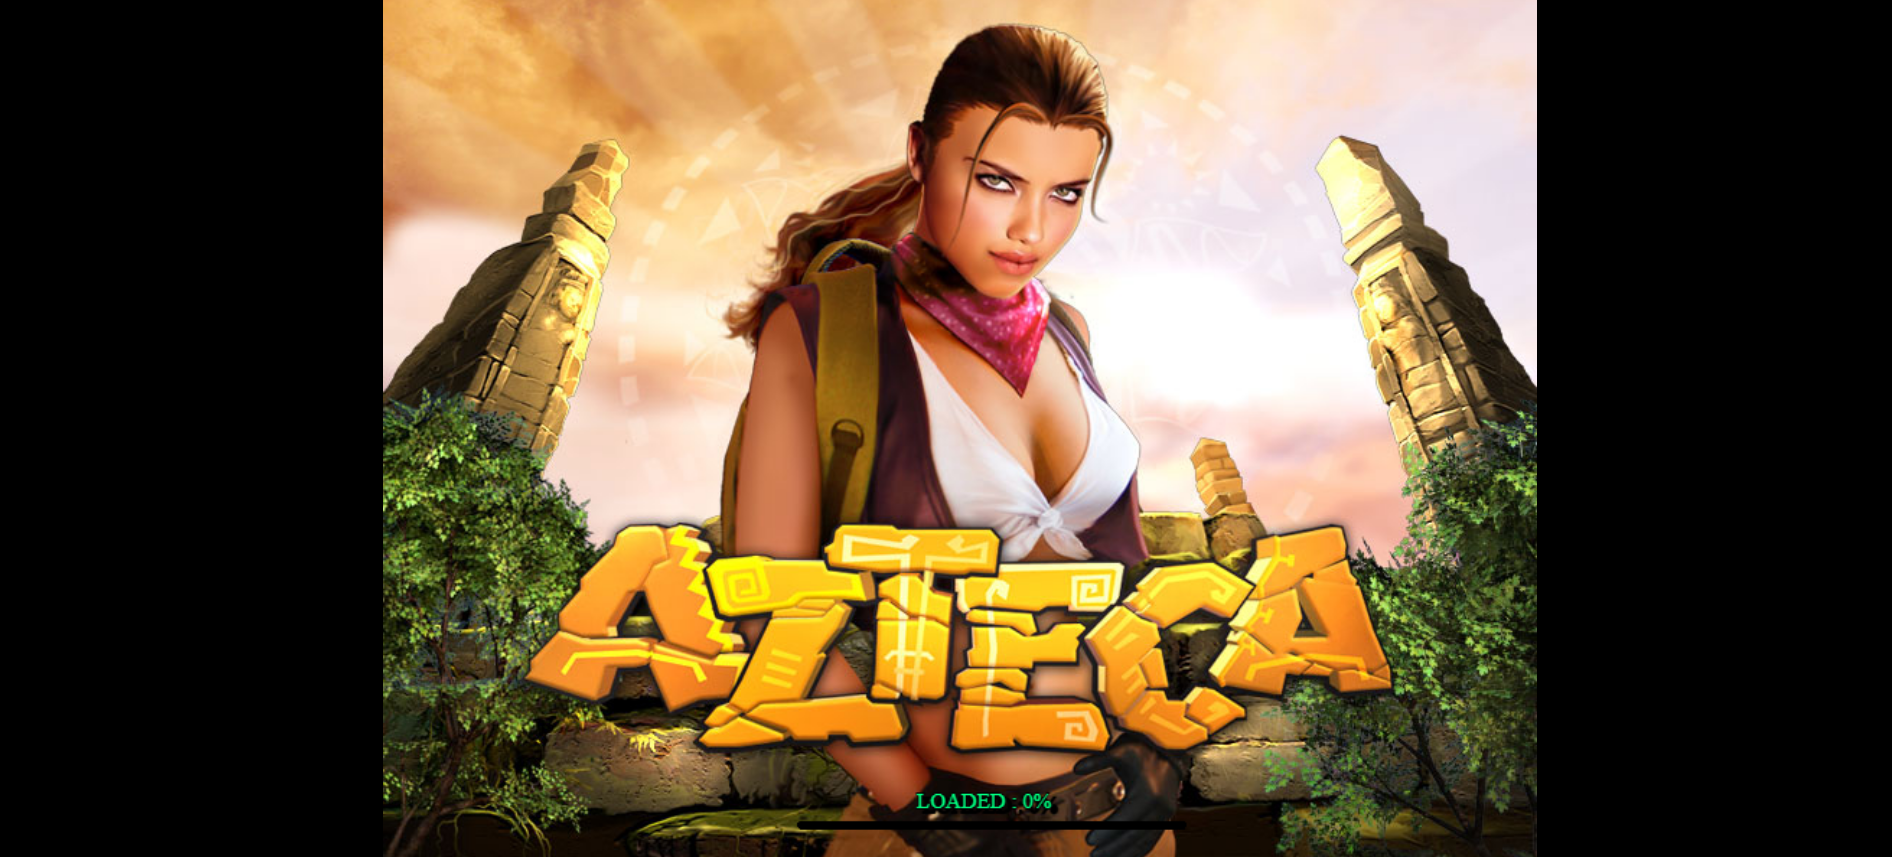 Azteca Slot Online (1)